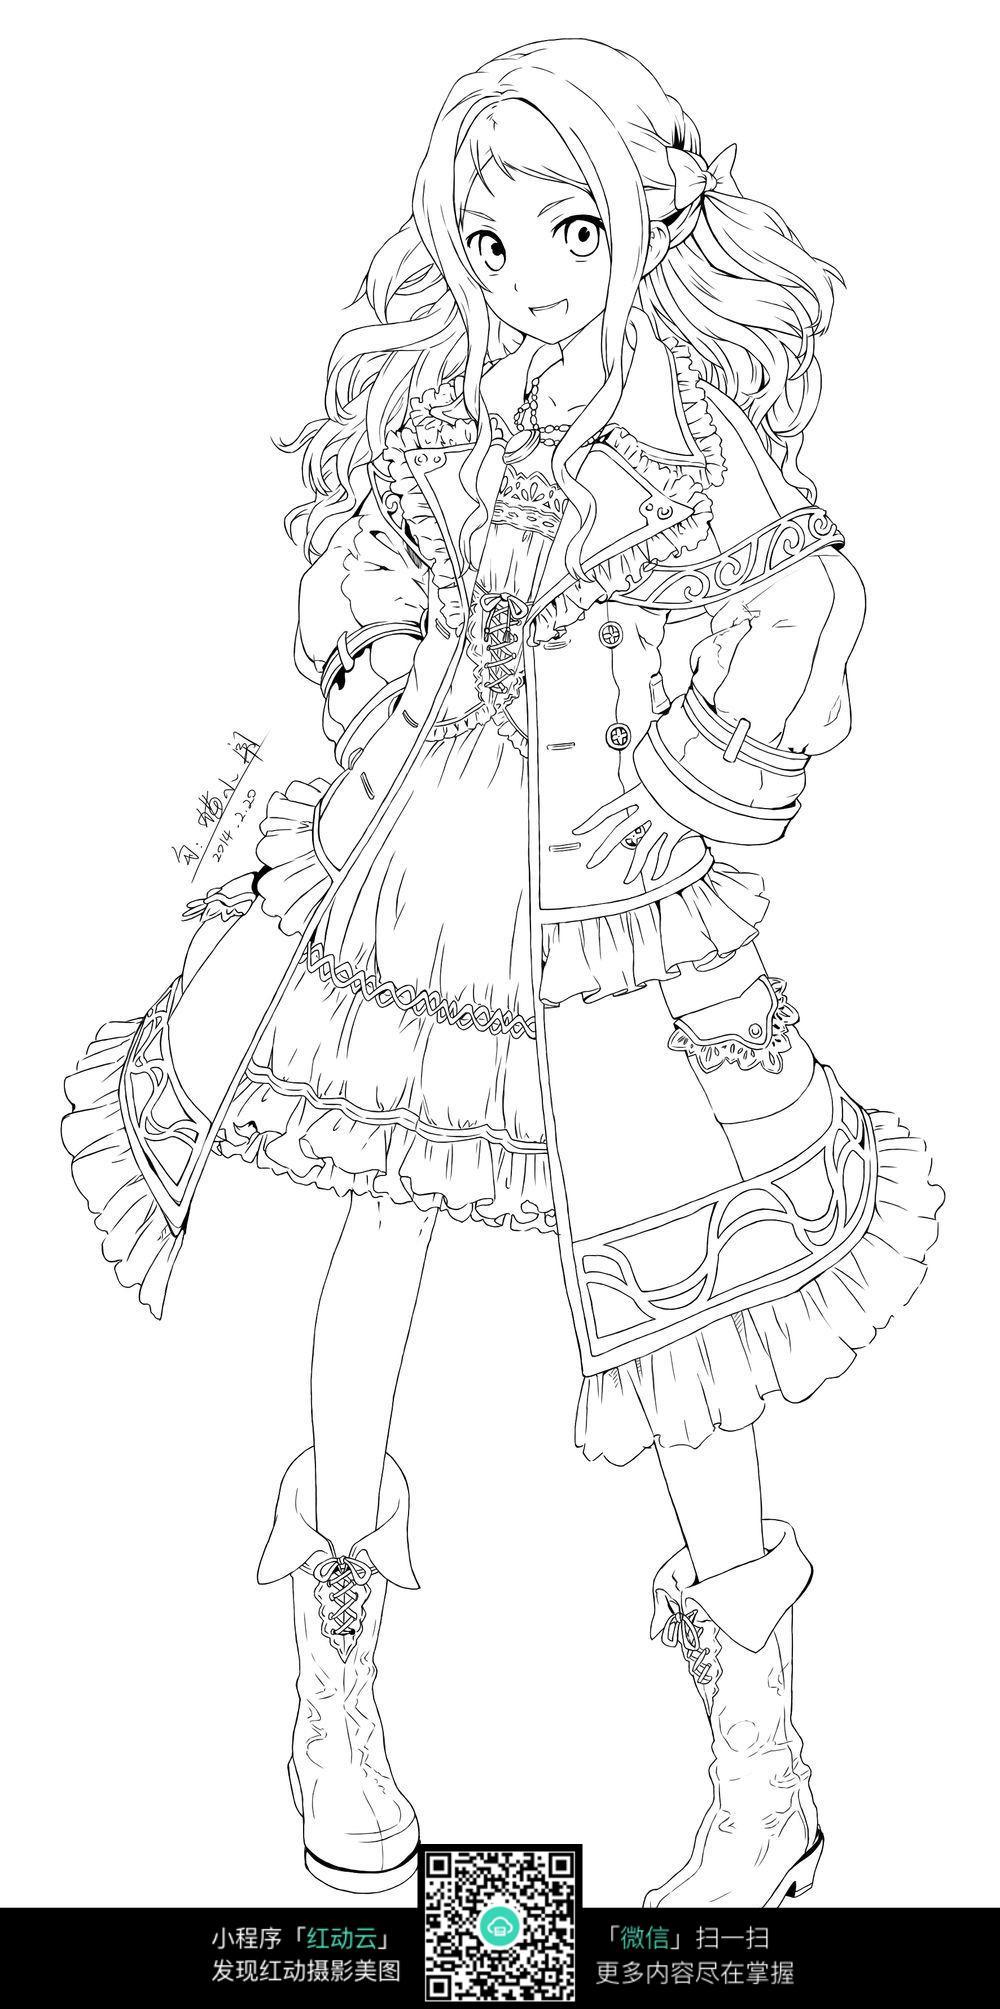 卡通日本动漫人物女孩线描